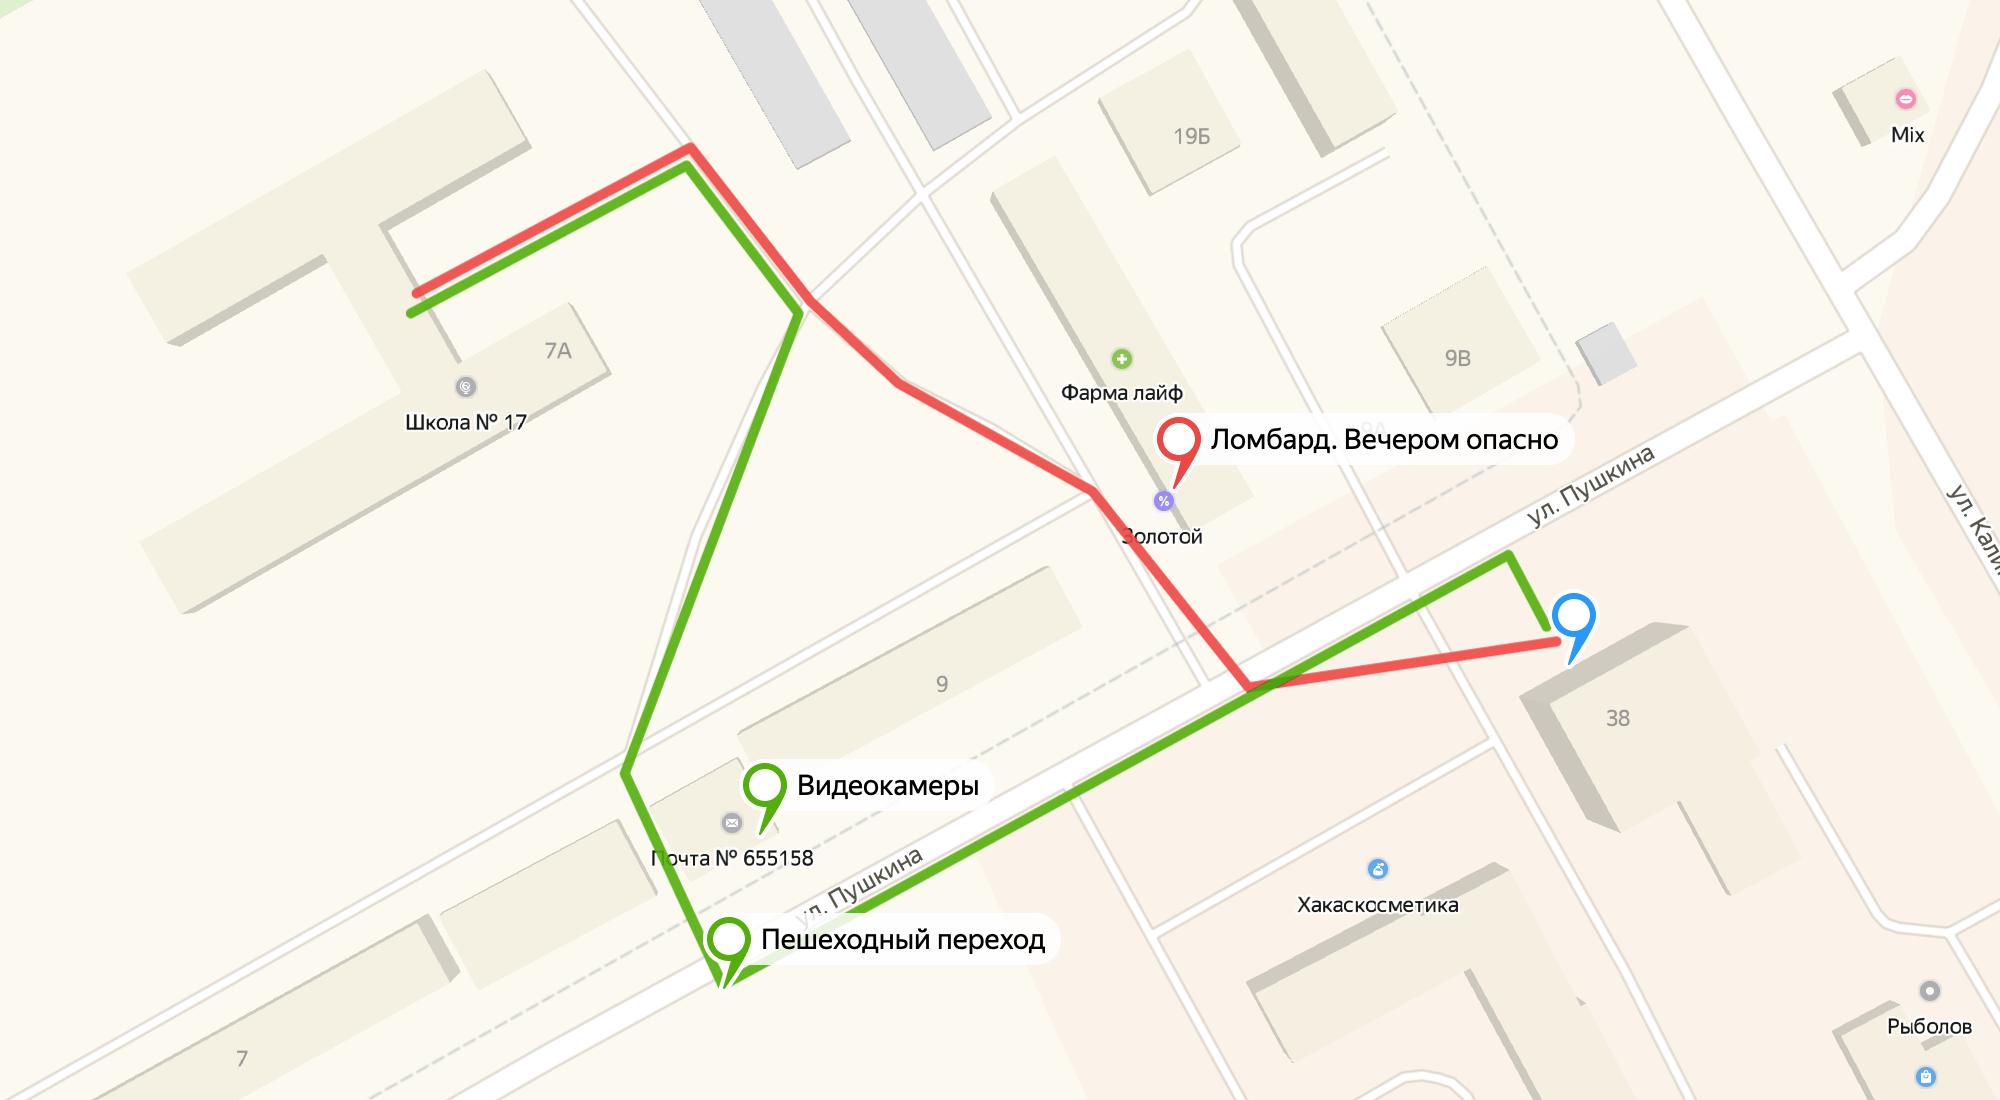 Два примера дороги в одну школу. Красным обозначен маршрут, который предложила сама интерактивная карта. Он короче, но проходит мимо ломбарда, дорогу приходится переходить в месте, где нет пешеходного перехода. Зеленым обозначен маршрут безопаснее — он проходит мимо отделения почтовой связи, возле которого есть пешеходный переход